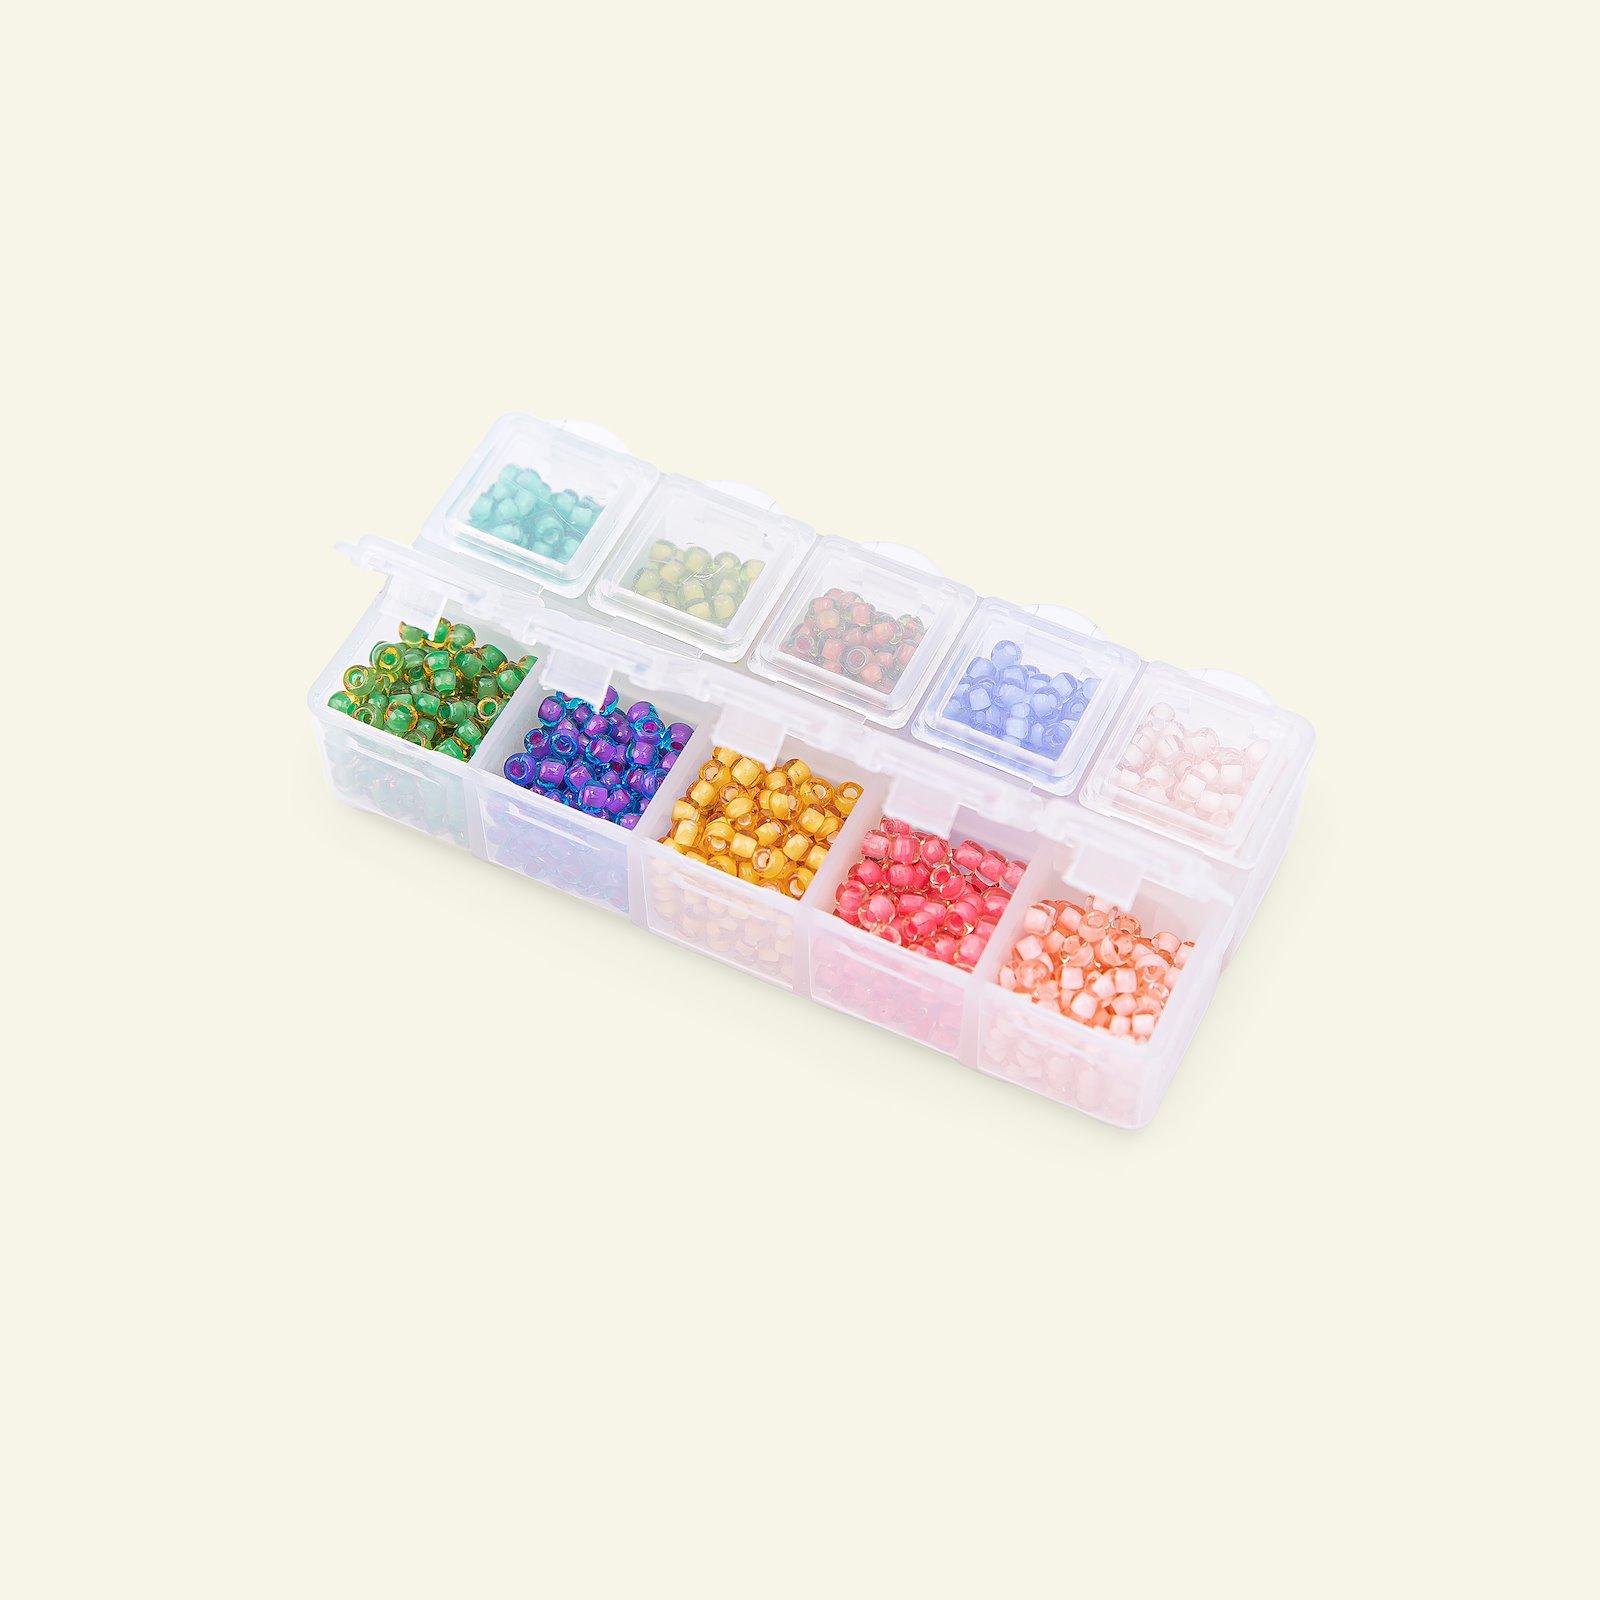 Matsuno glass bead round 8/0 10 col. 40g 47198_pack_c